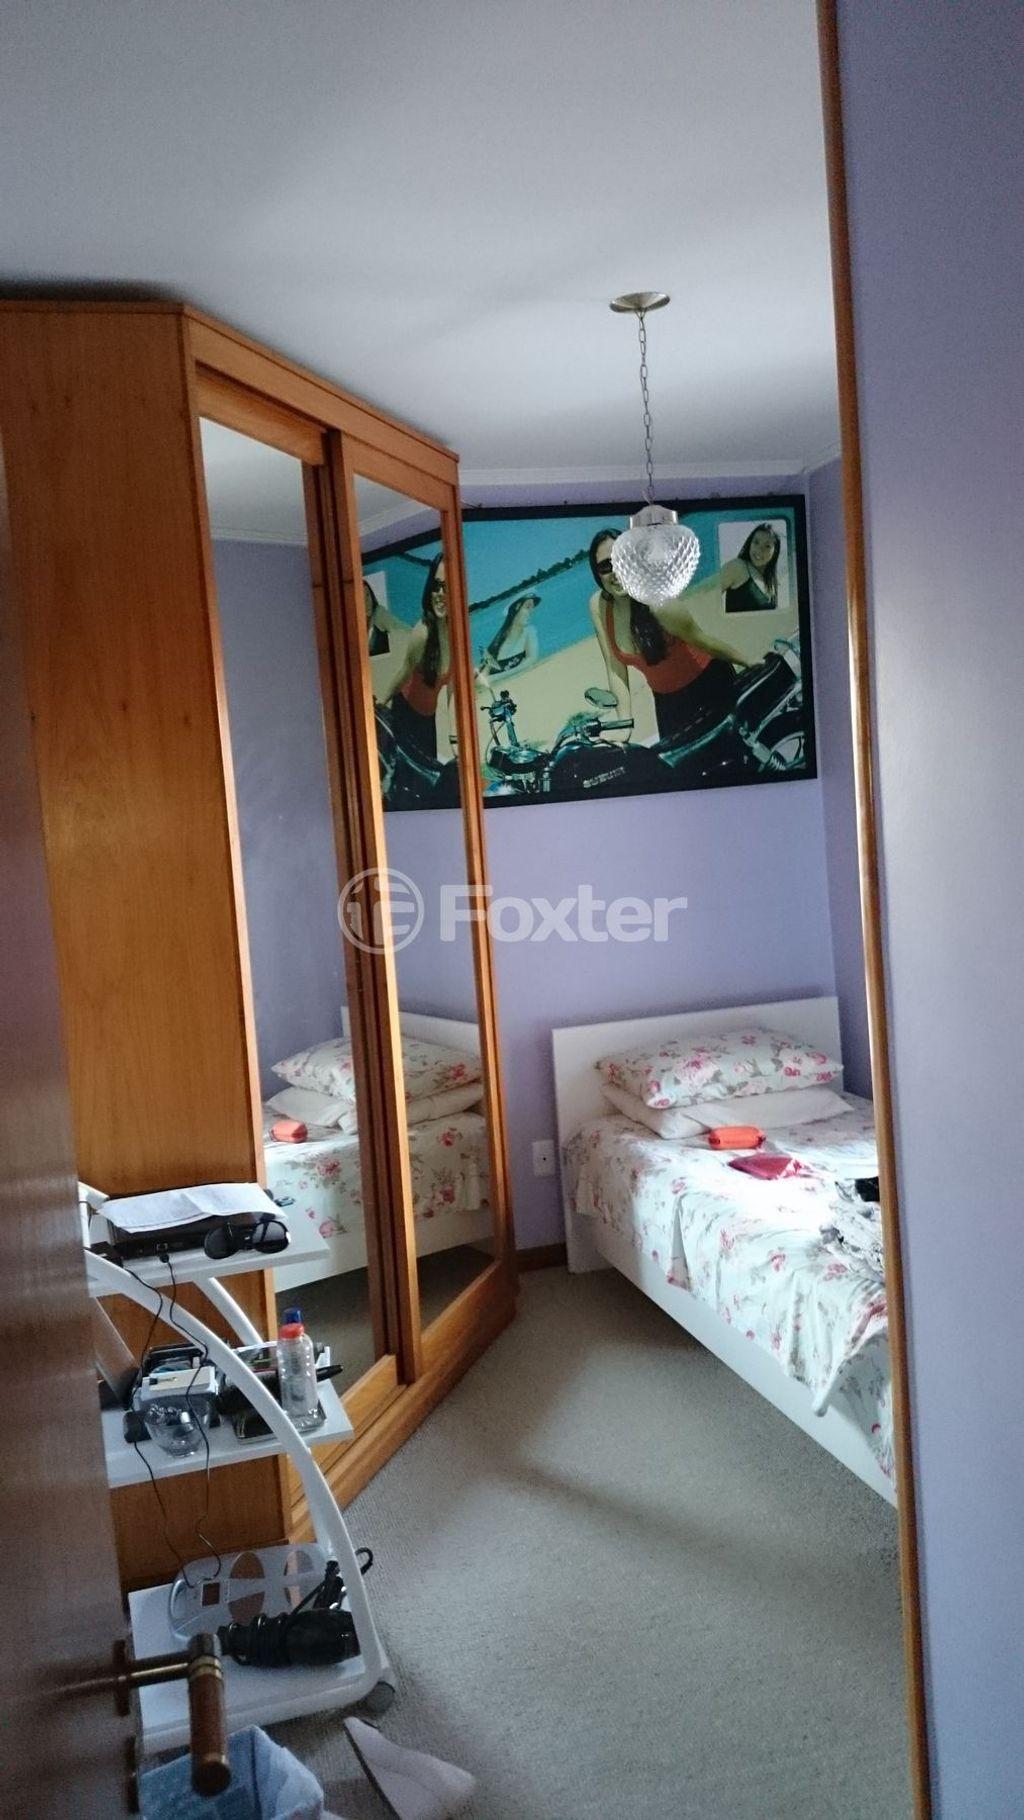 Foxter Imobiliária - Cobertura 3 Dorm (137279) - Foto 13